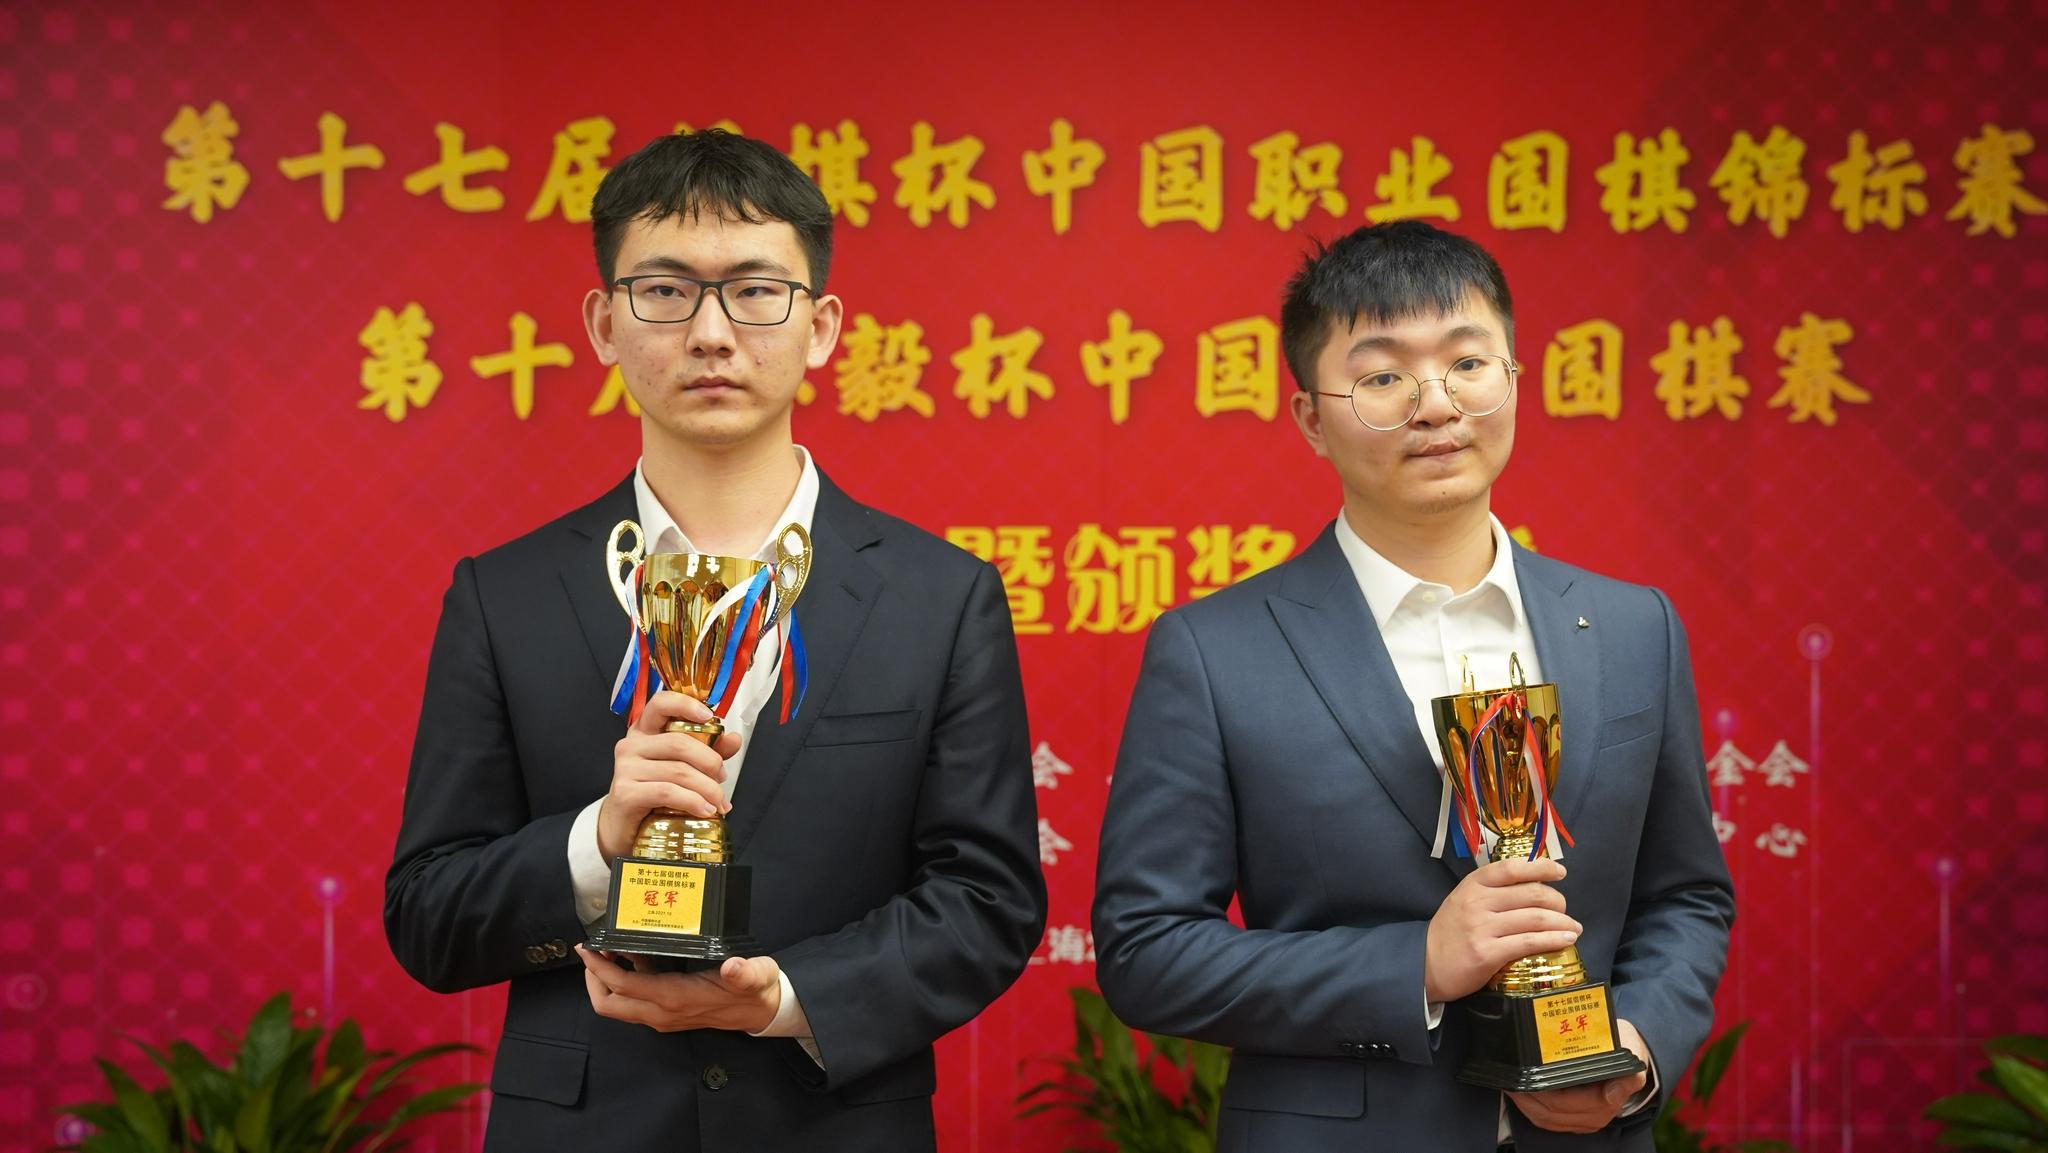 高清-丁浩获45万冠军奖金